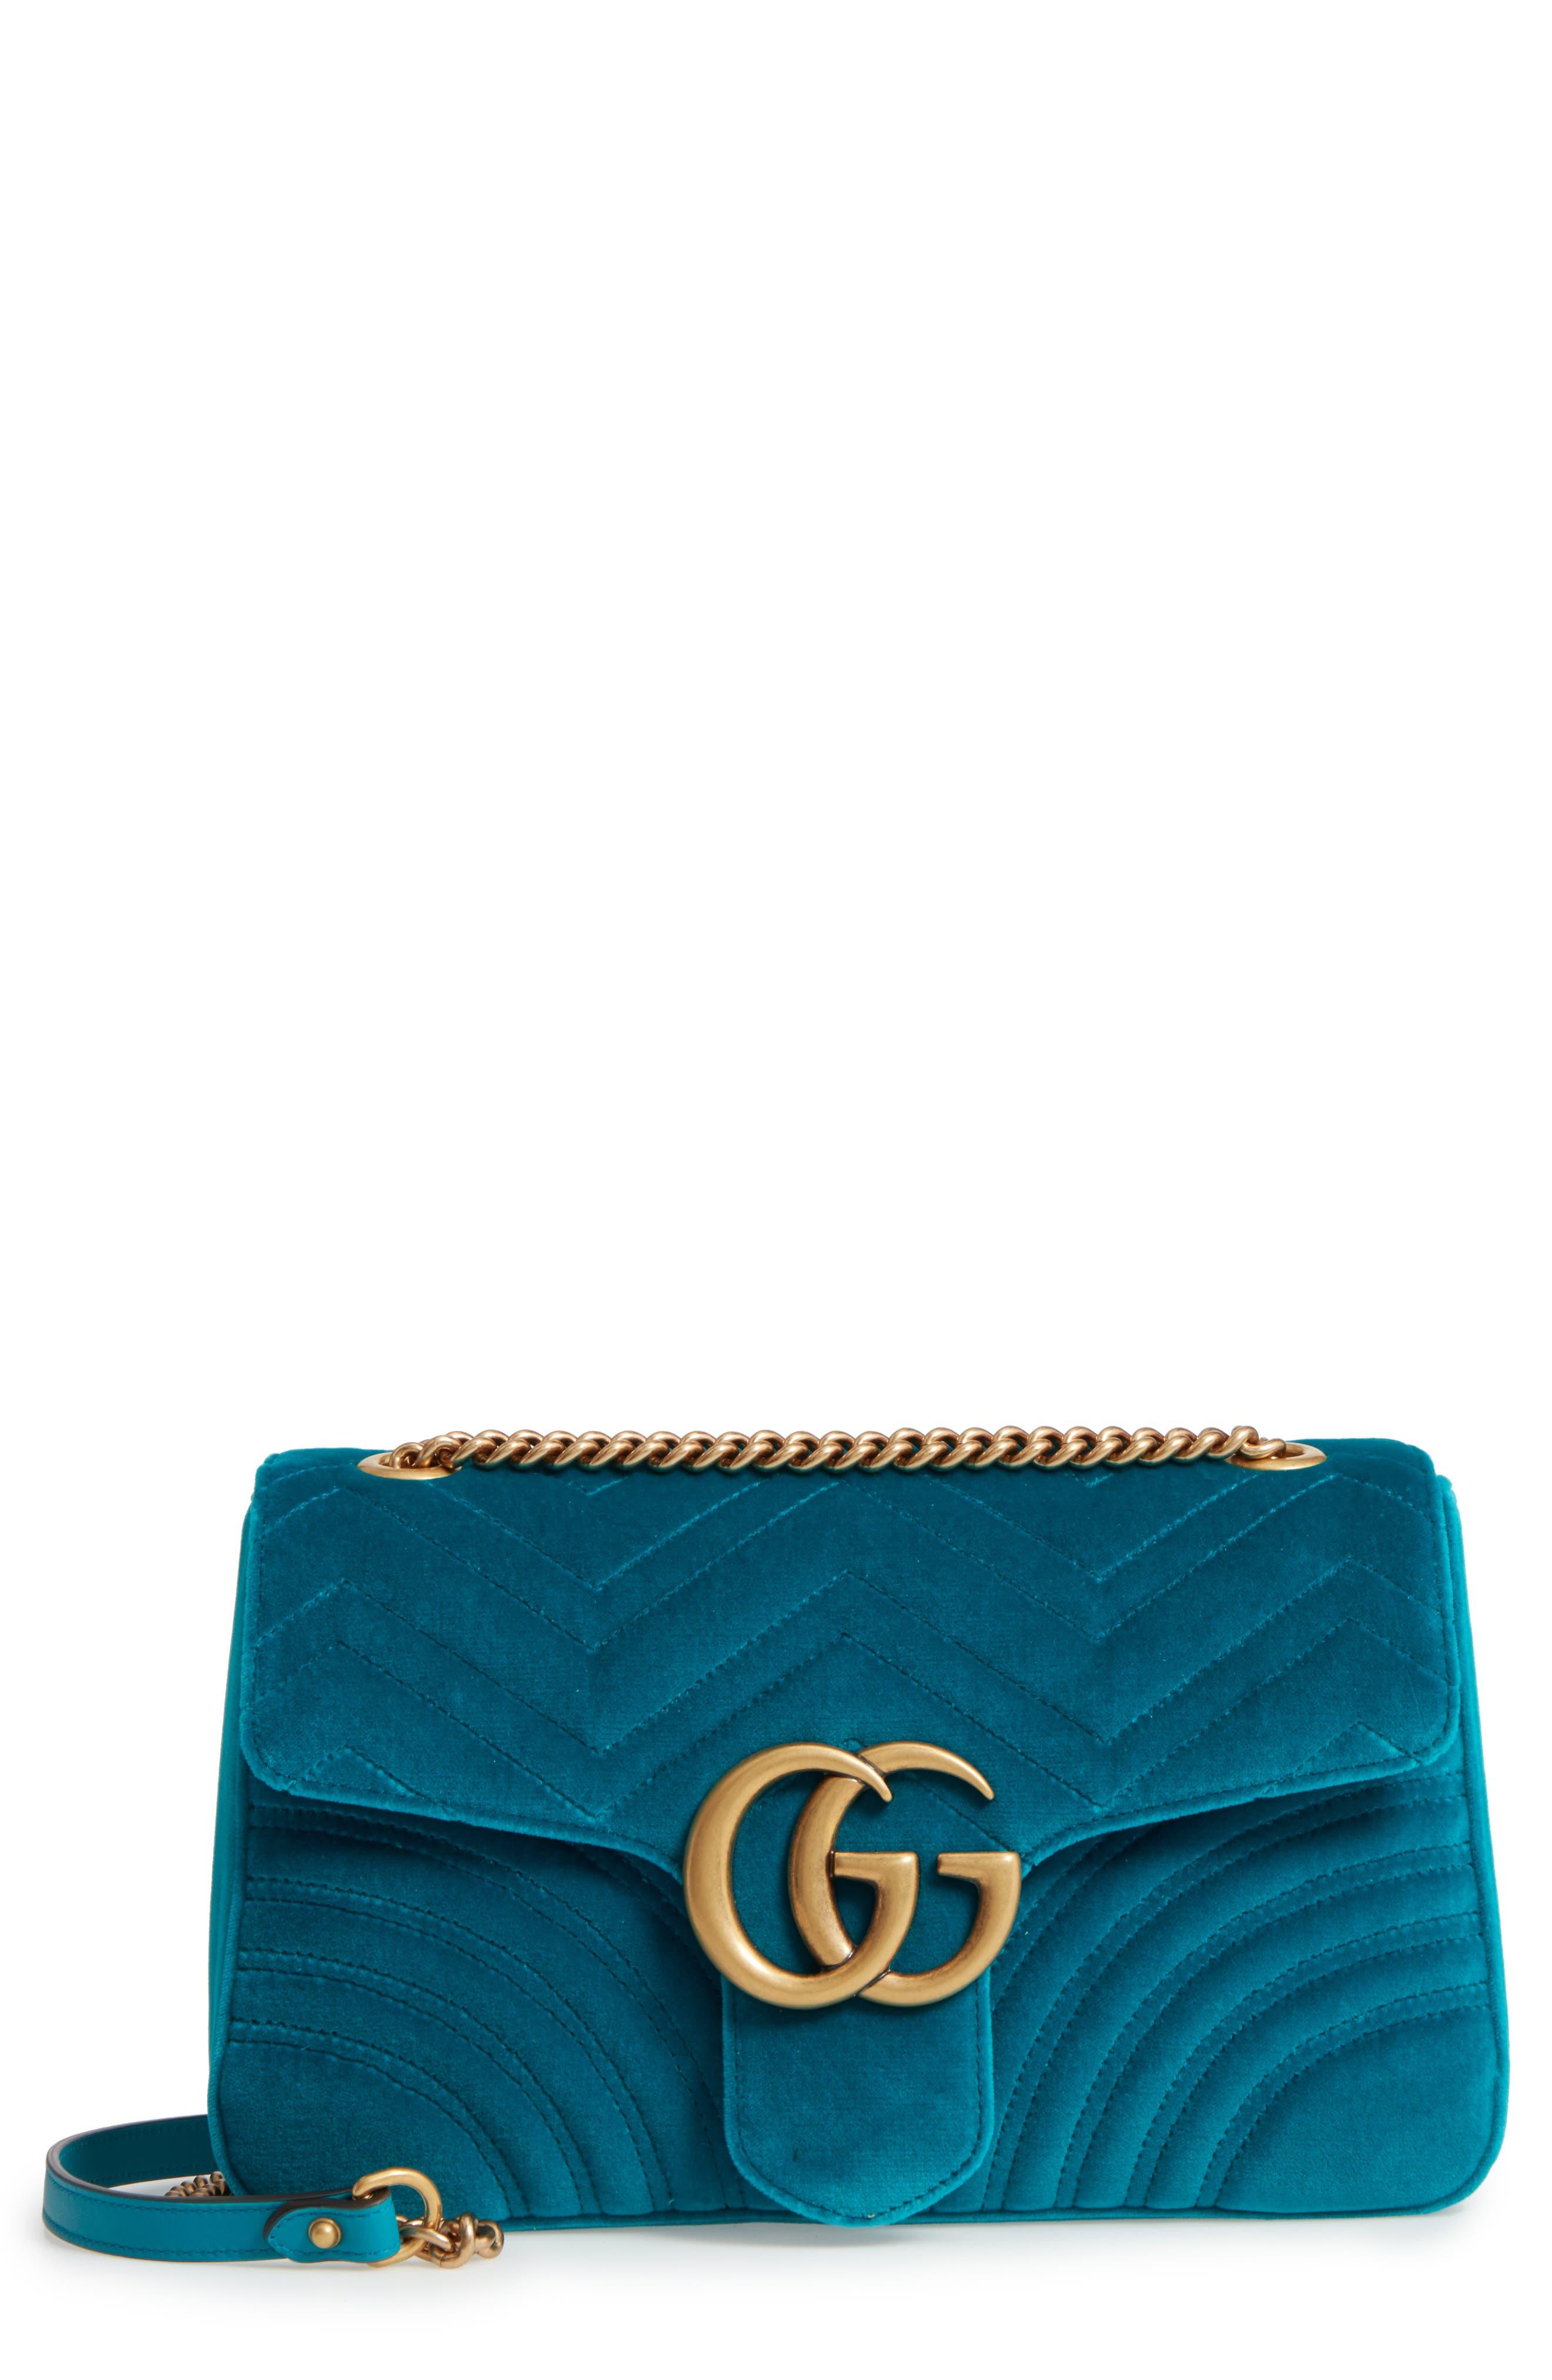 Gucci Women s Handbags af8dc4b355d0b